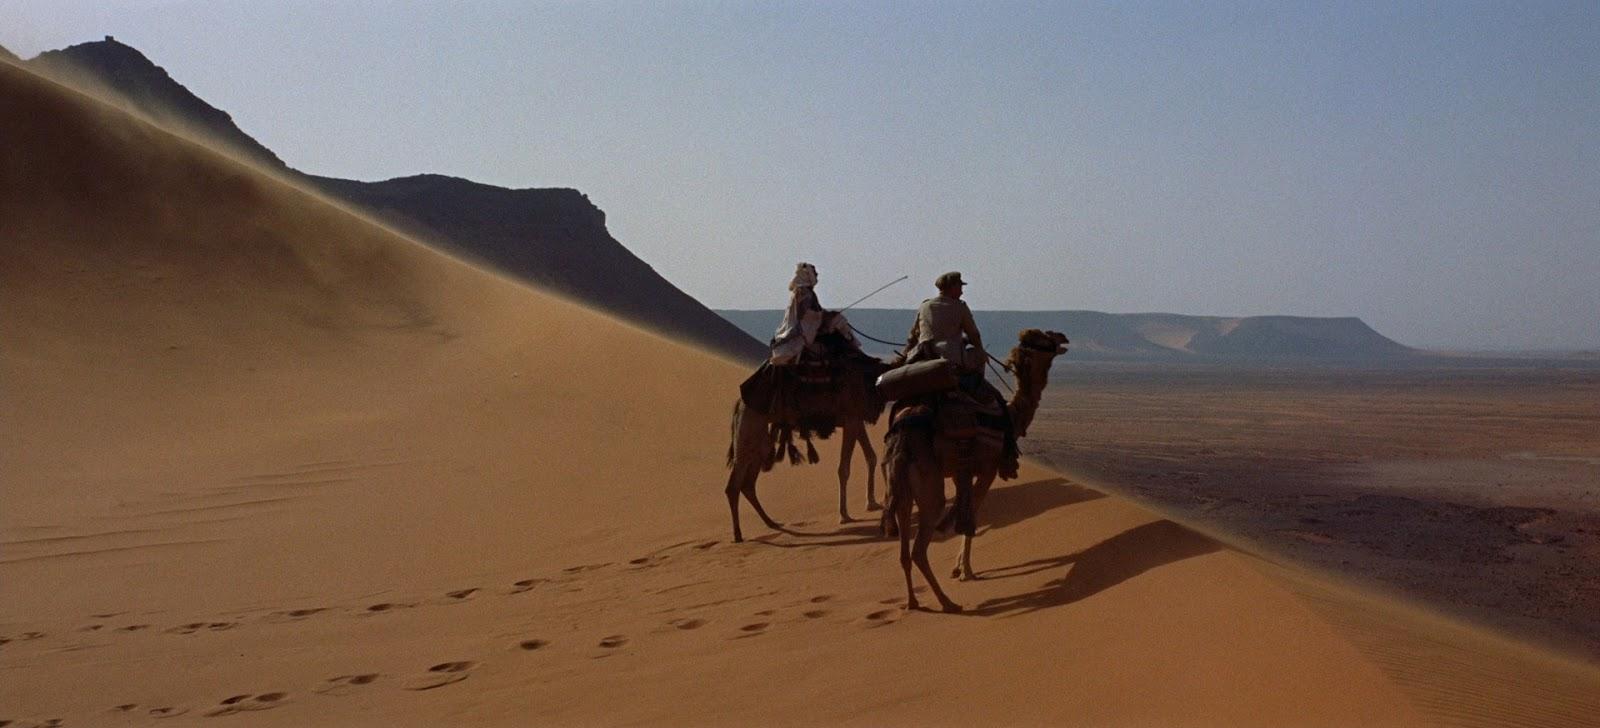 Lawrence of Arabia.jpg